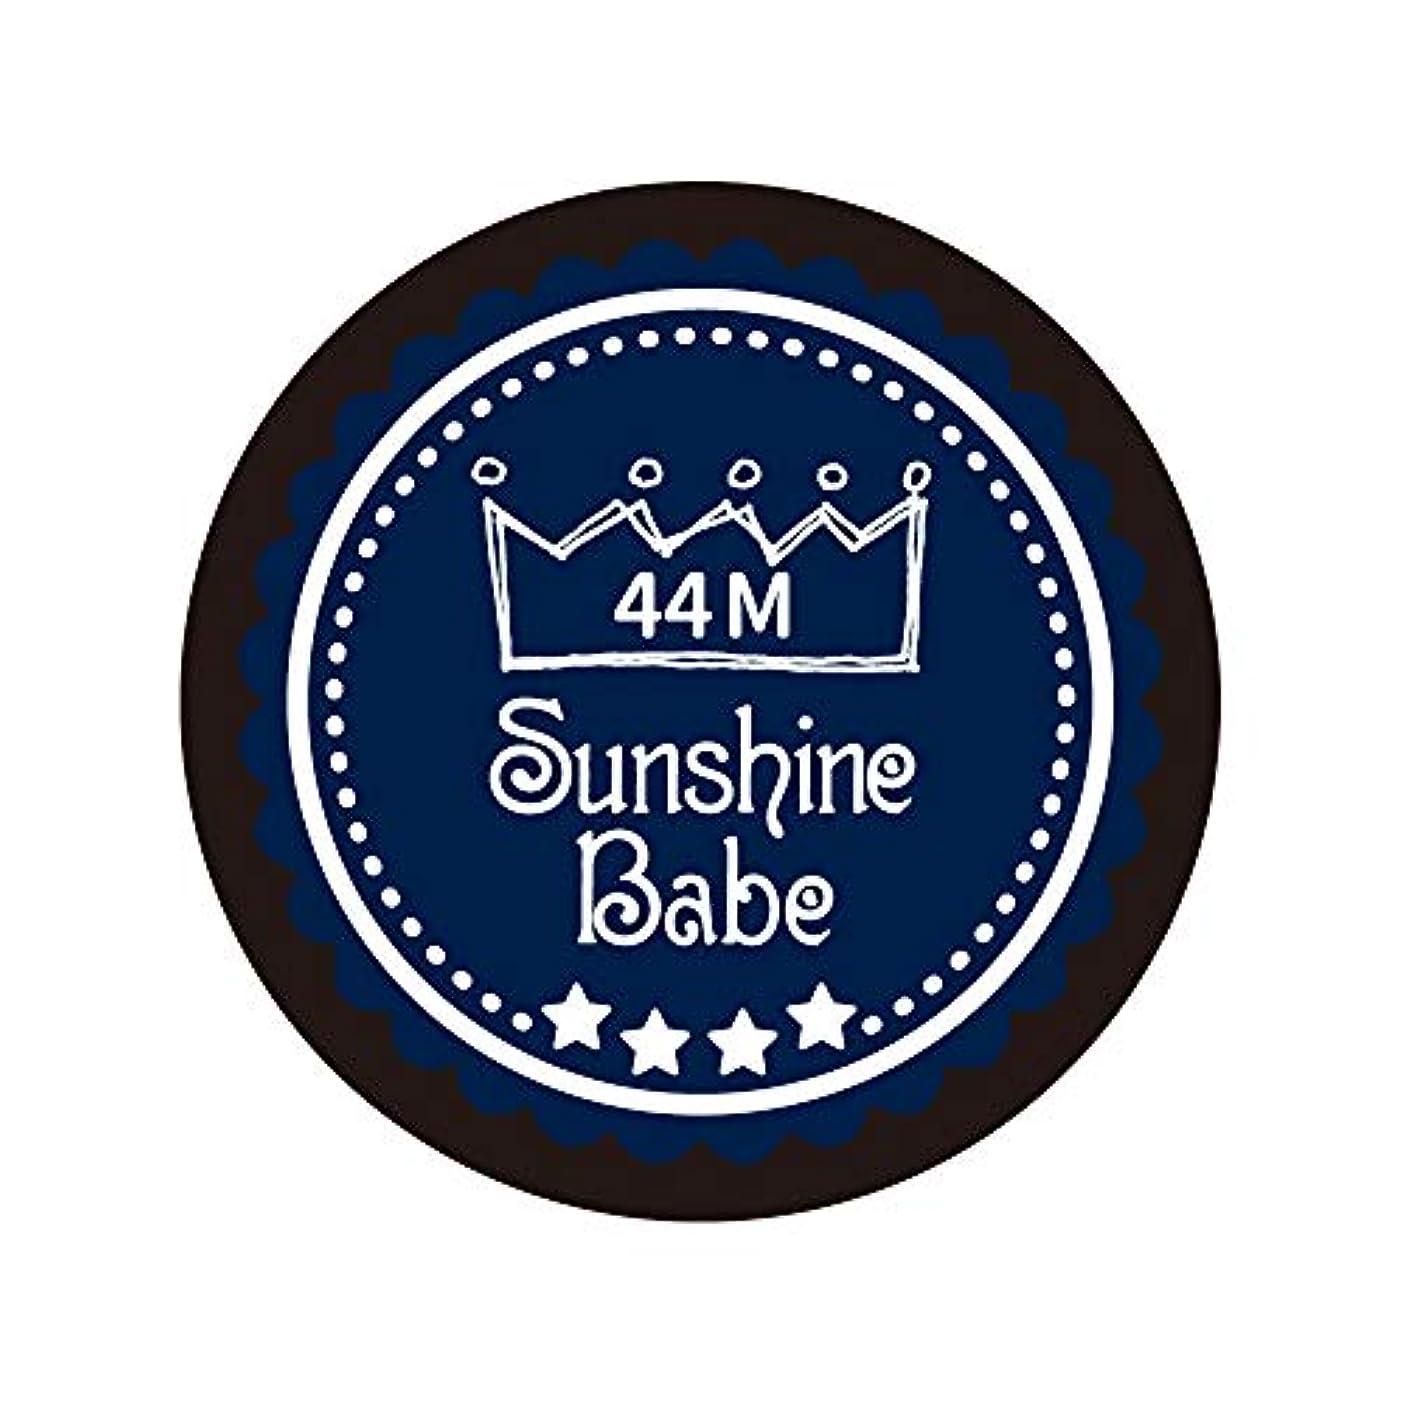 レディ適用する風邪をひくSunshine Babe カラージェル 44M クラシックネイビー 4g UV/LED対応